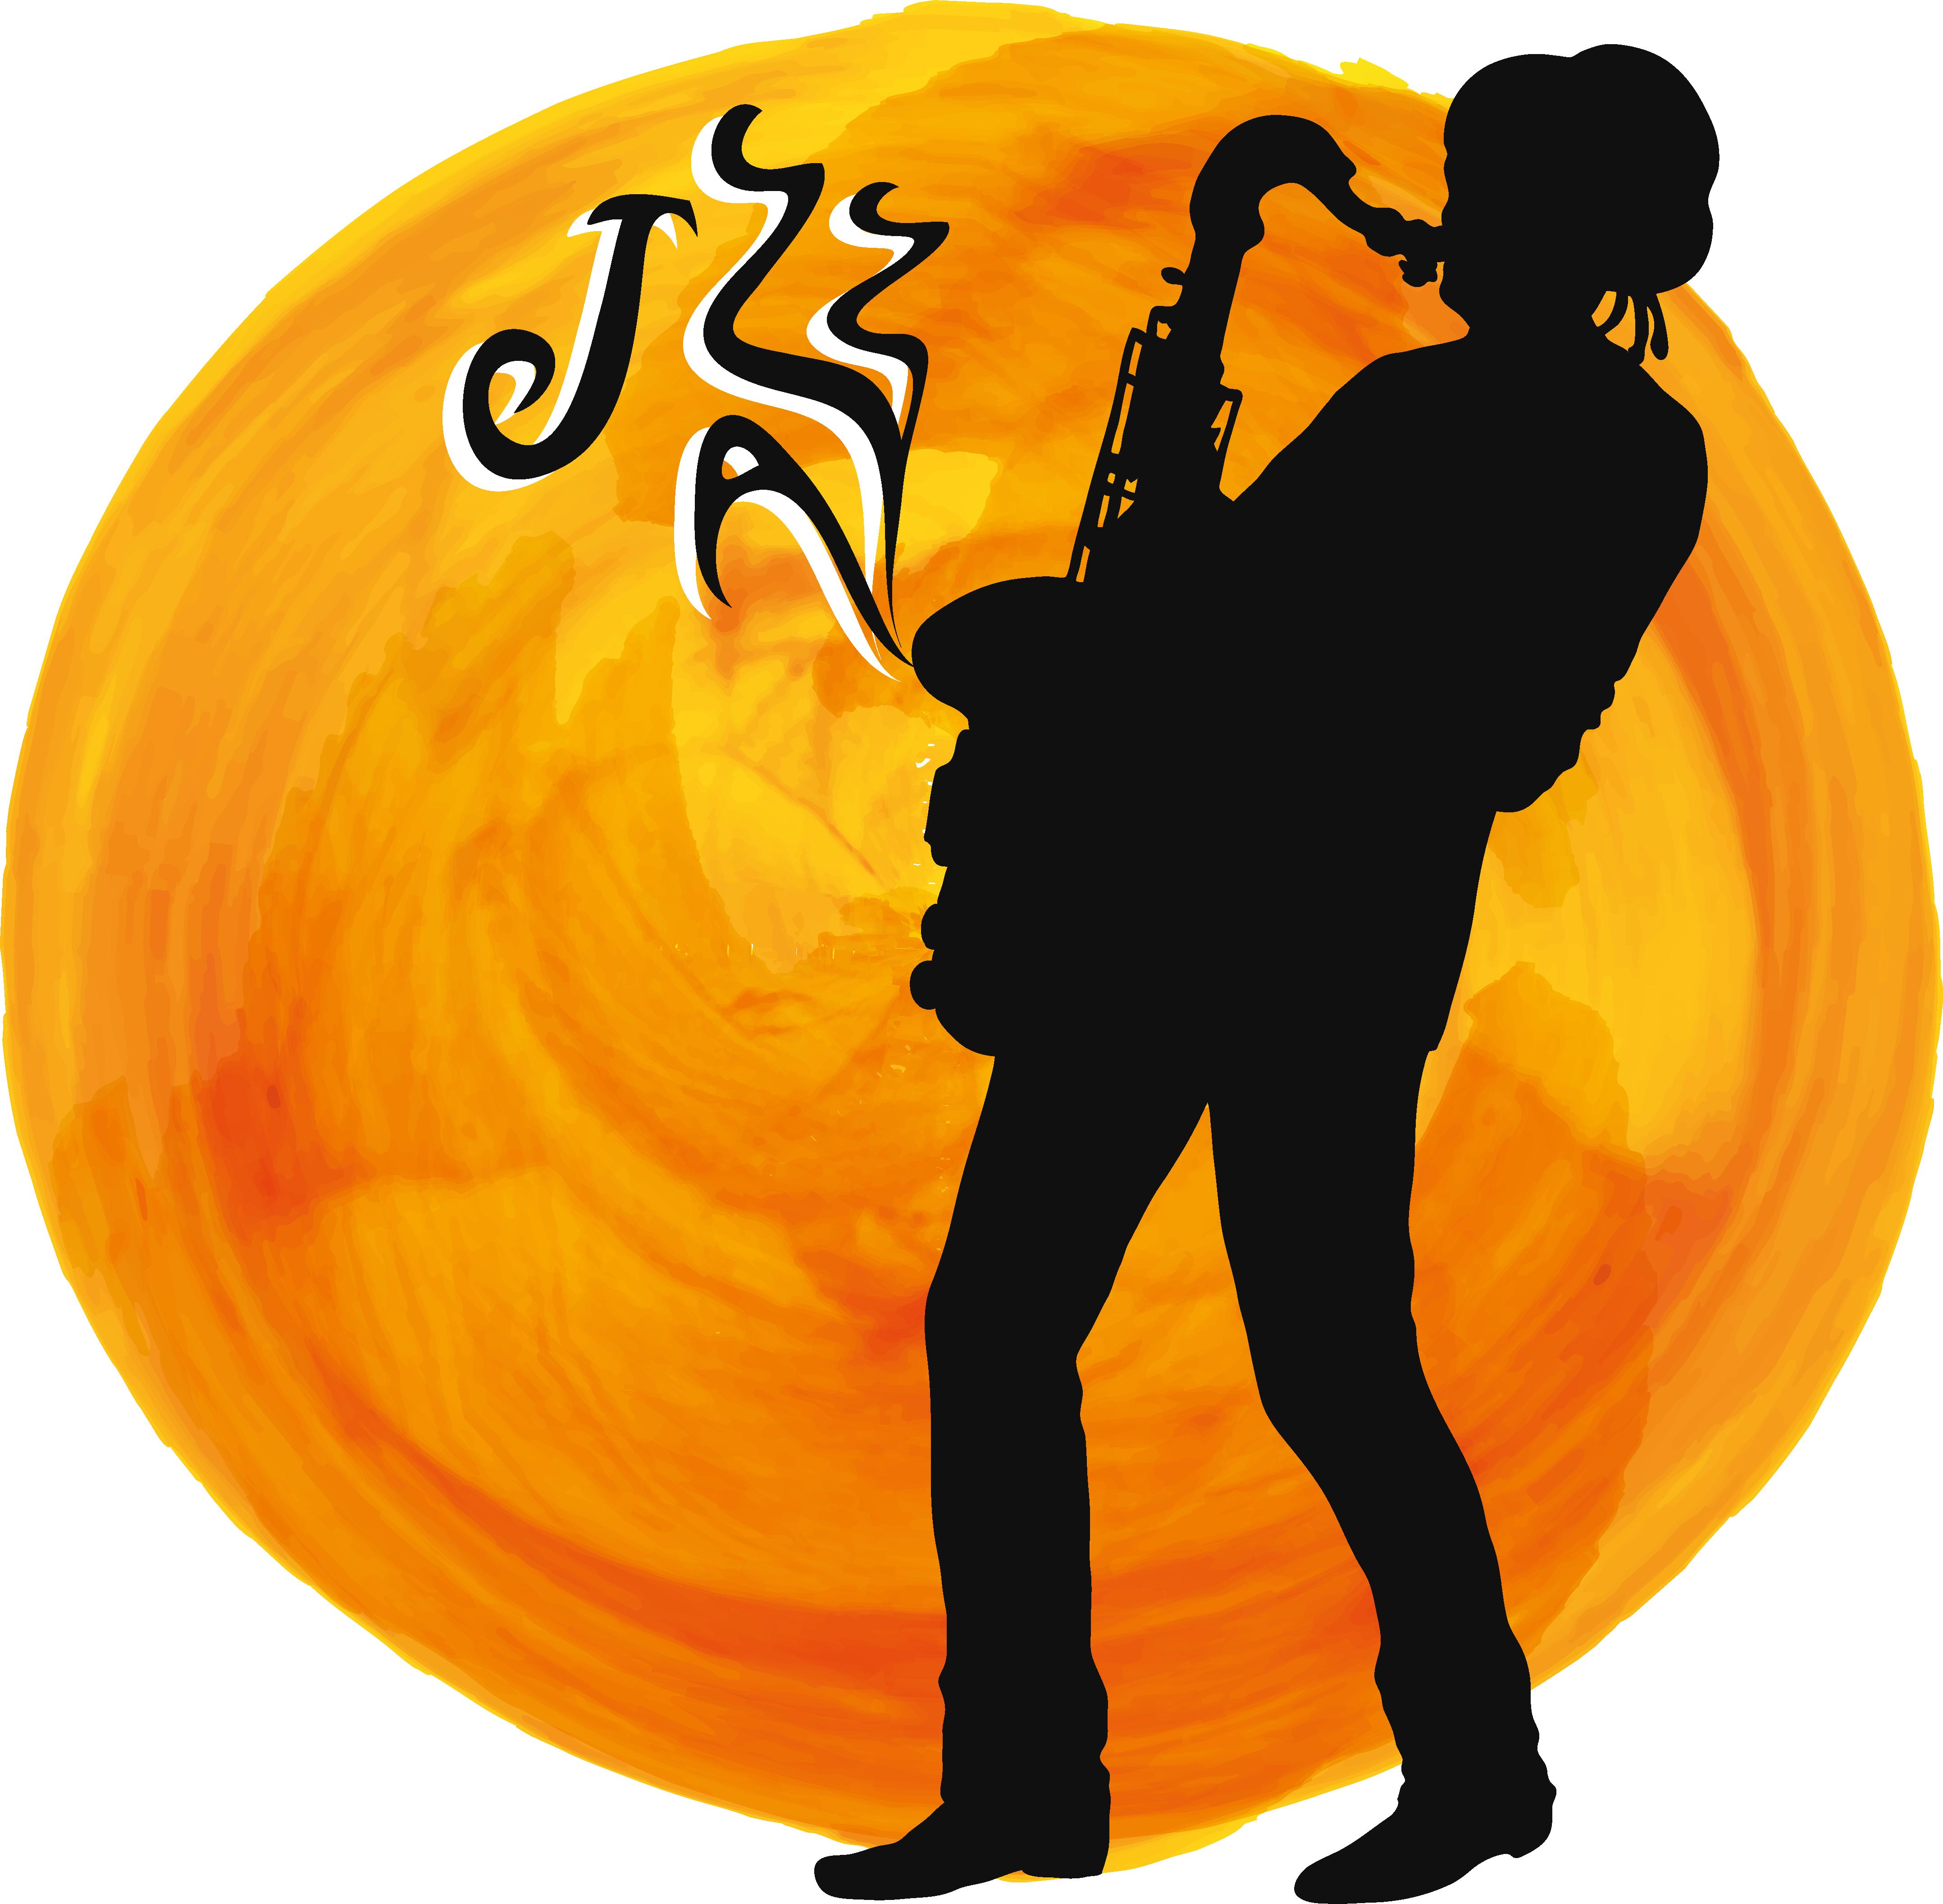 TenStickers. Autocollant mural saxophoniste jazz. Stickers mural illustrant un saxophoniste.Sélectionnez les dimensions et la couleur de votre choix.Idée déco originale et simple pour votre intérieur.